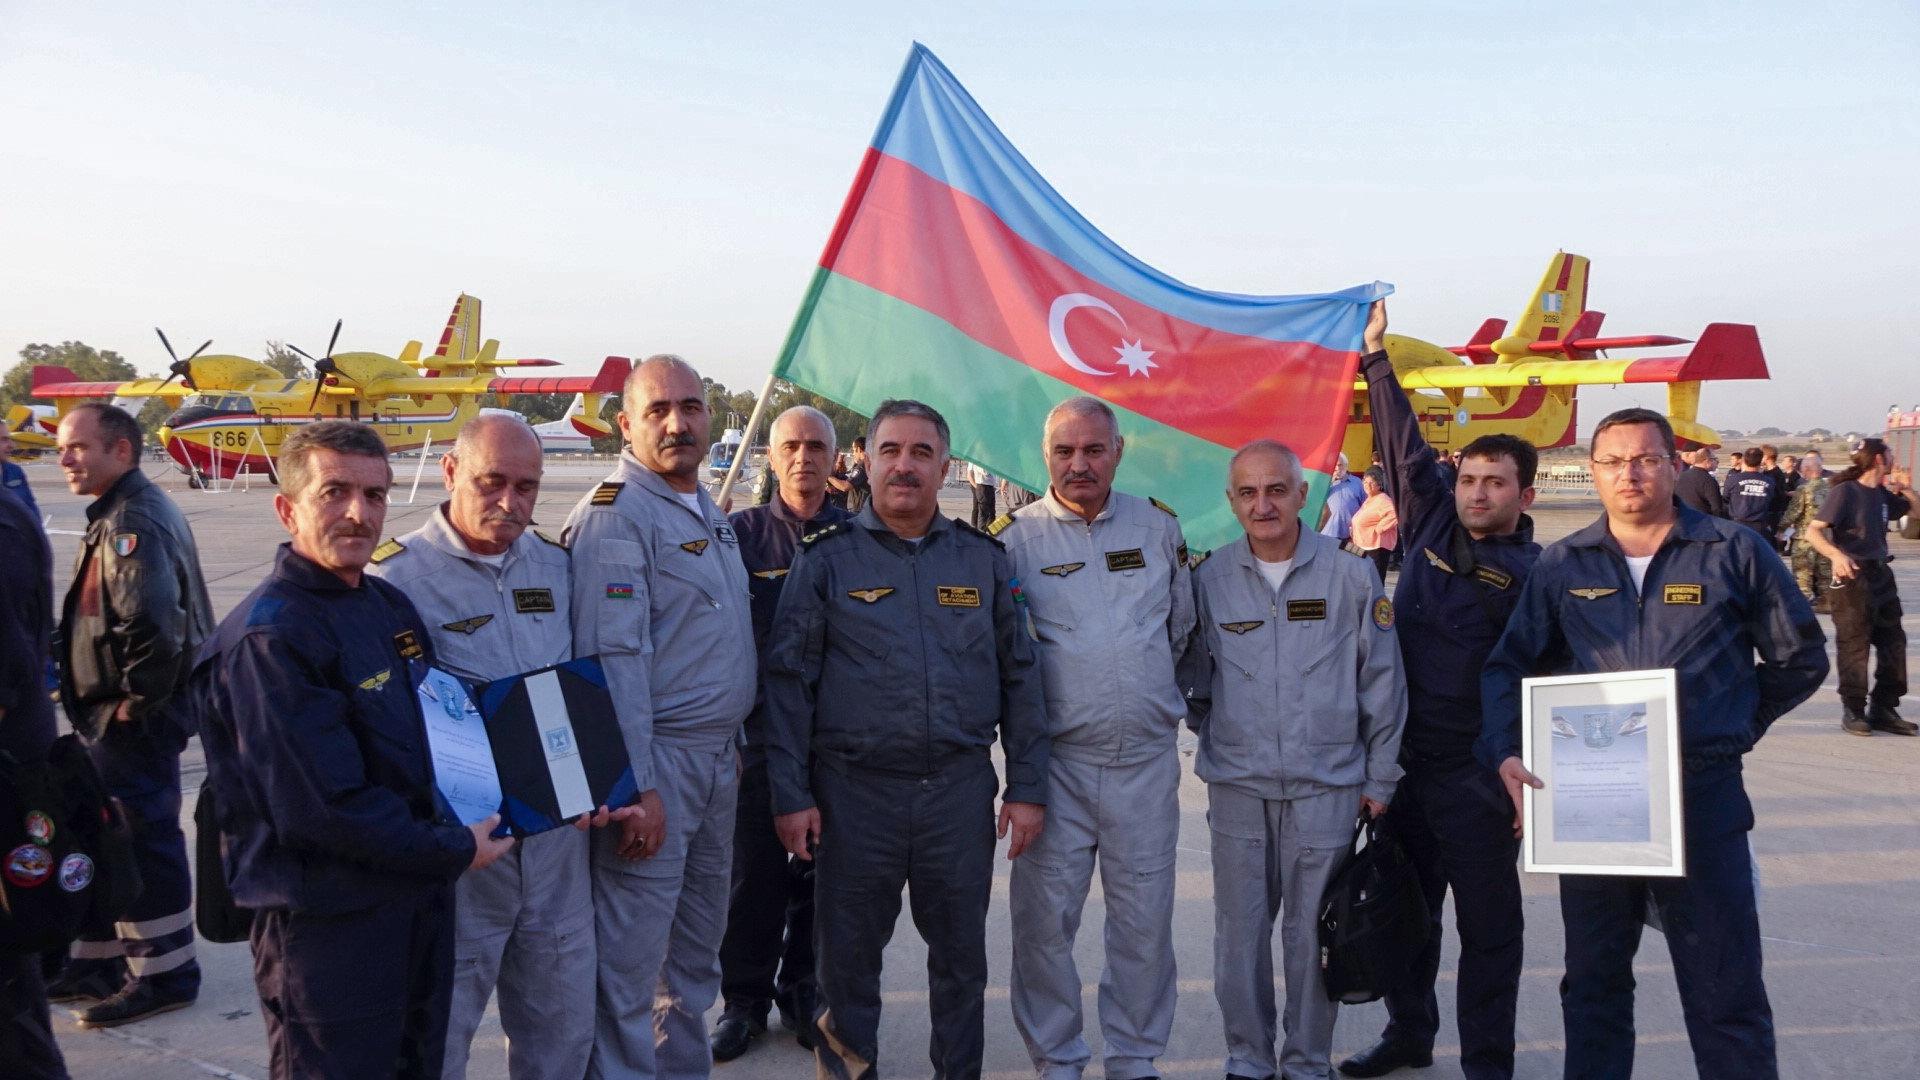 Министр внутренней безопасности Израиля Гилад Эрдан  с сотрудниками МЧС Азербайджана, участвовавшими в тушении пожаров в Израиле